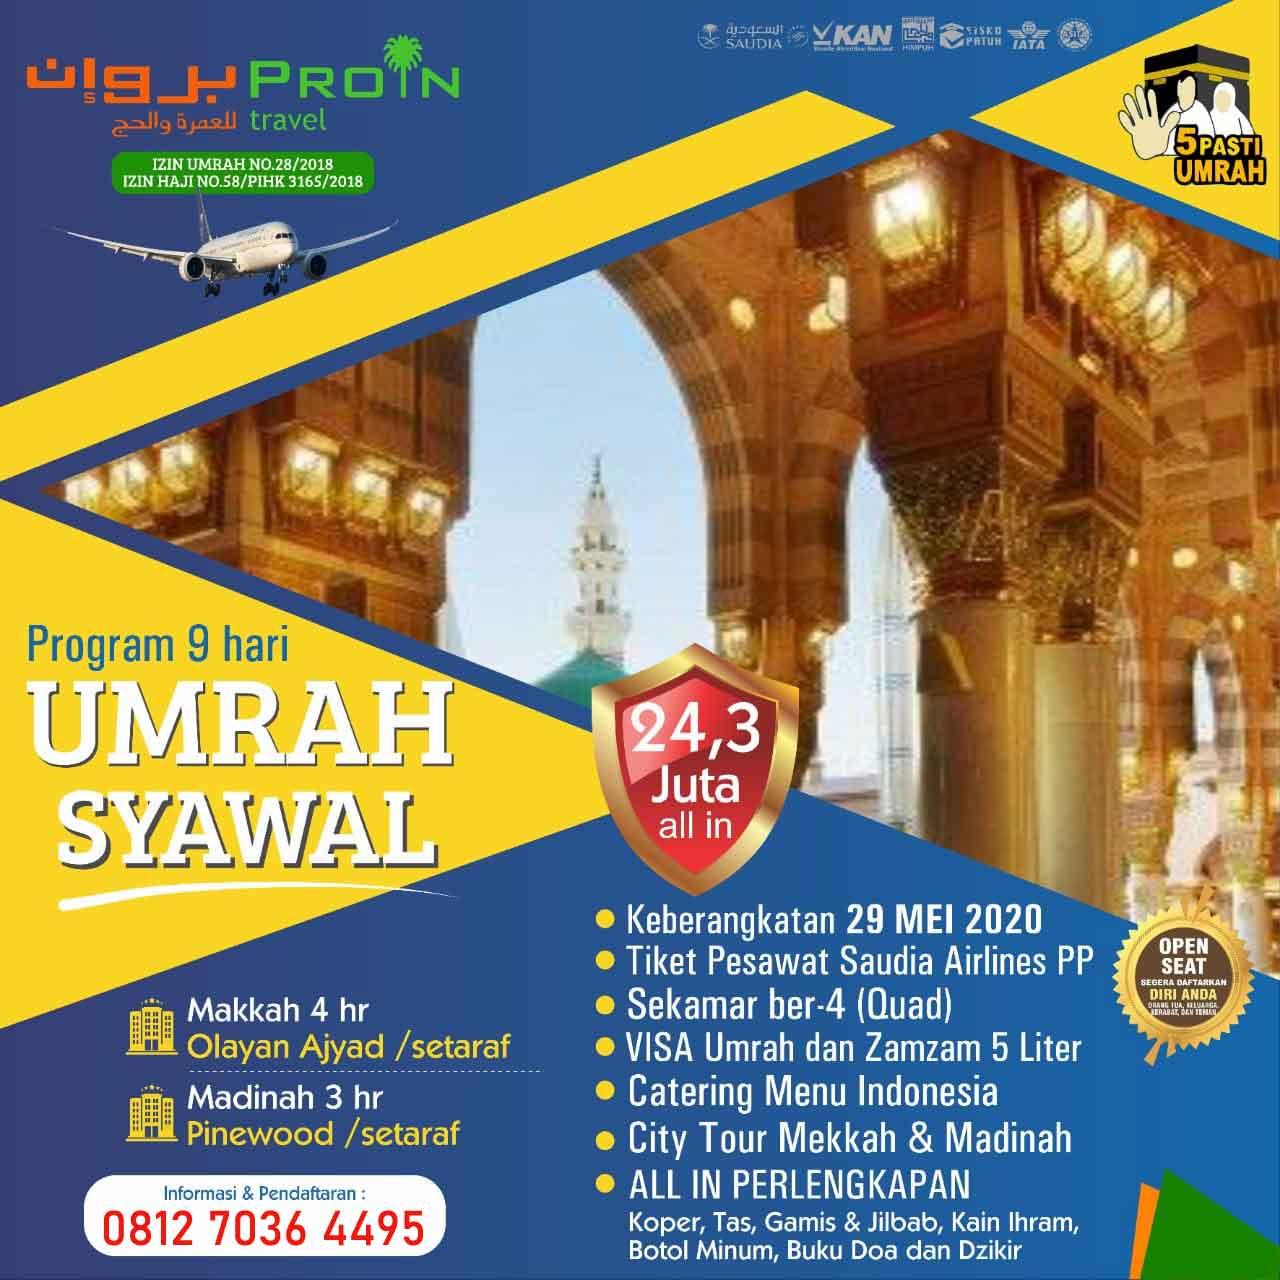 Umroh Syawal 2020 PROIN Travel